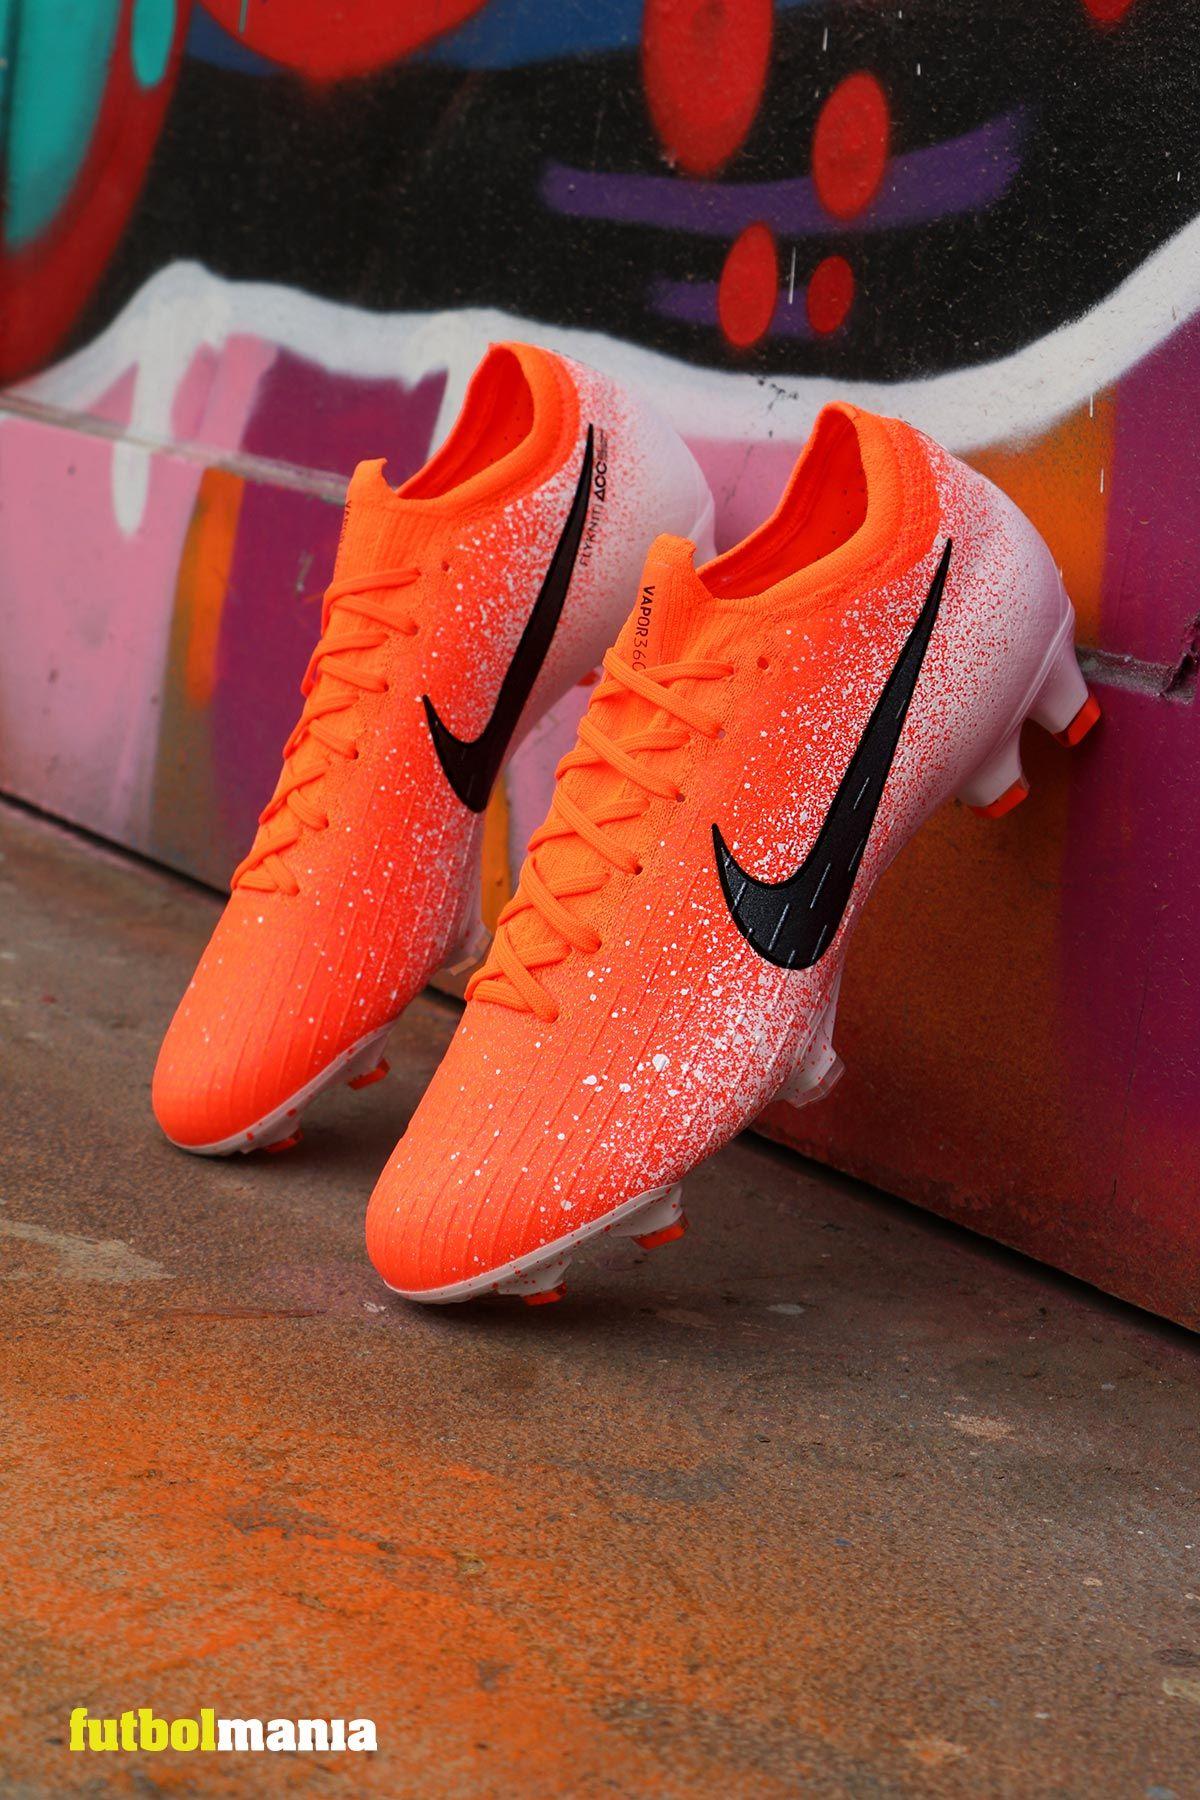 newest a0c78 3a396 Botas de fútbol Nike Mercurial Vapor XII Elite FG. Pertenecen a la  colección Euphoria Mode